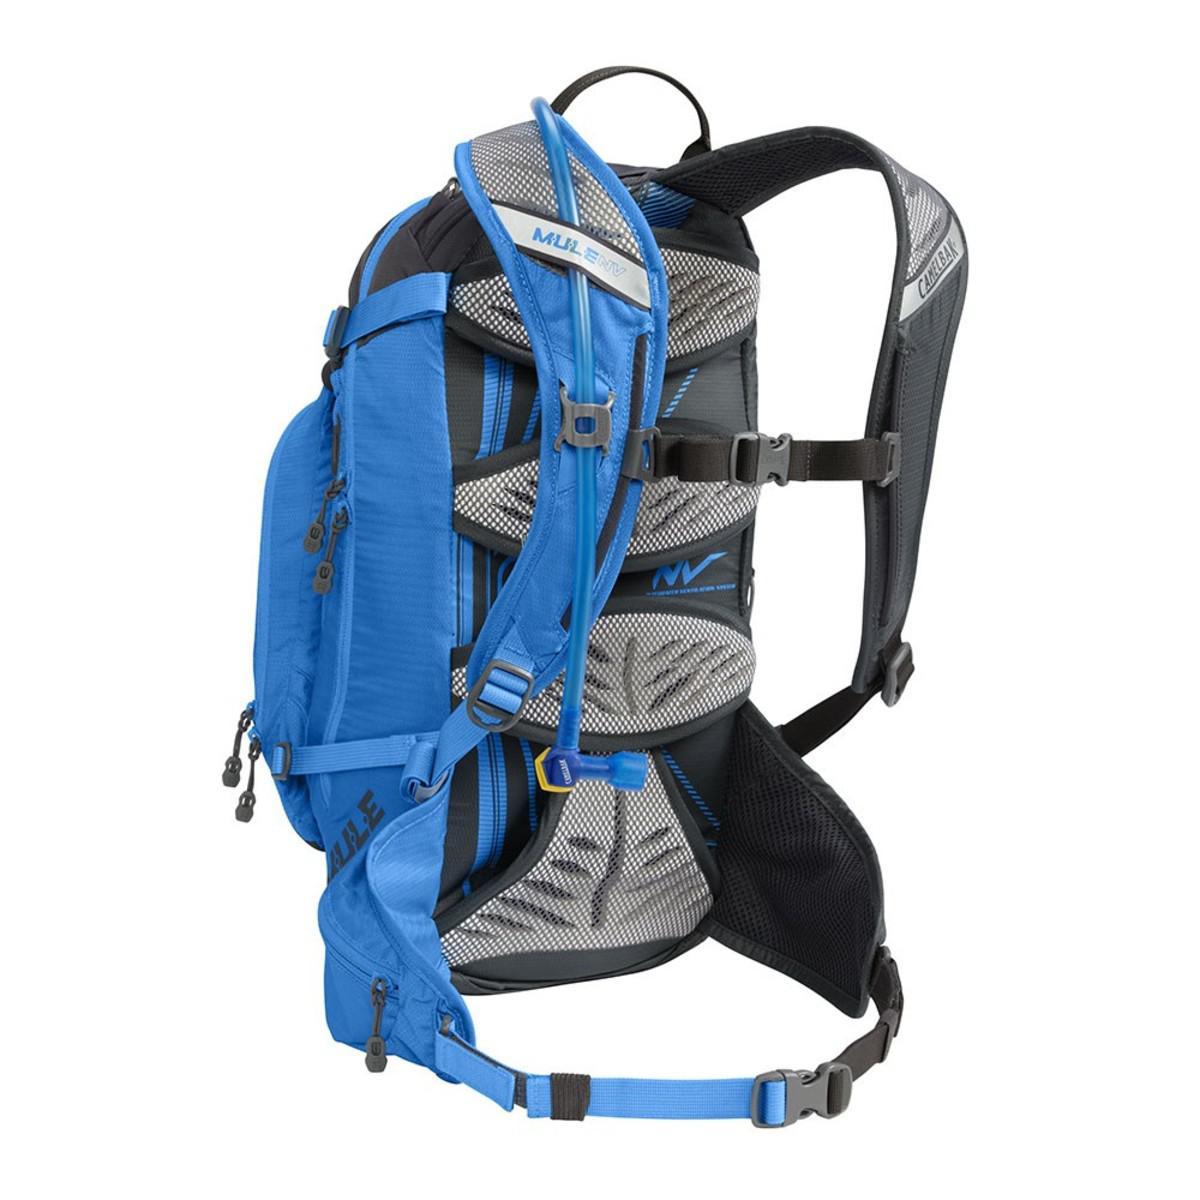 0bf972fa8 Mochila de Hidratação M.U.L.E 3 Litros Azul para Mountain Bike - Camelbak  750121 R$ 640,58 à vista. Adicionar à sacola